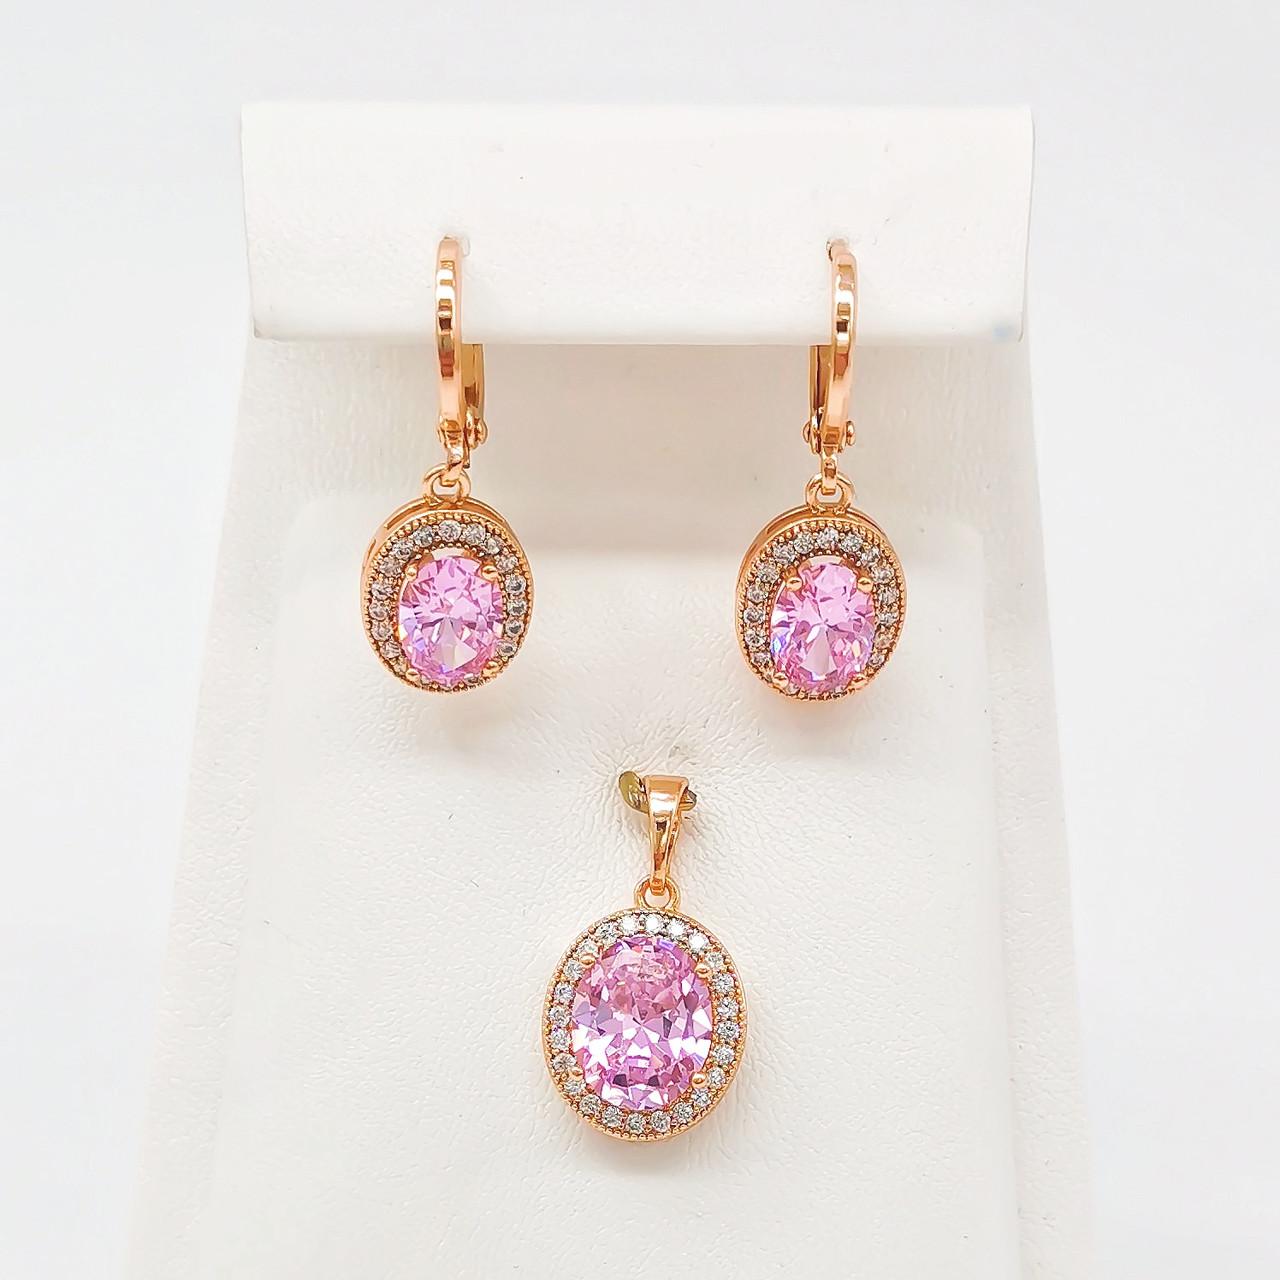 Комплект Xuping (серьги + подвеска) из медицинского золота, розовые фианиты, позолота 18K, 73954